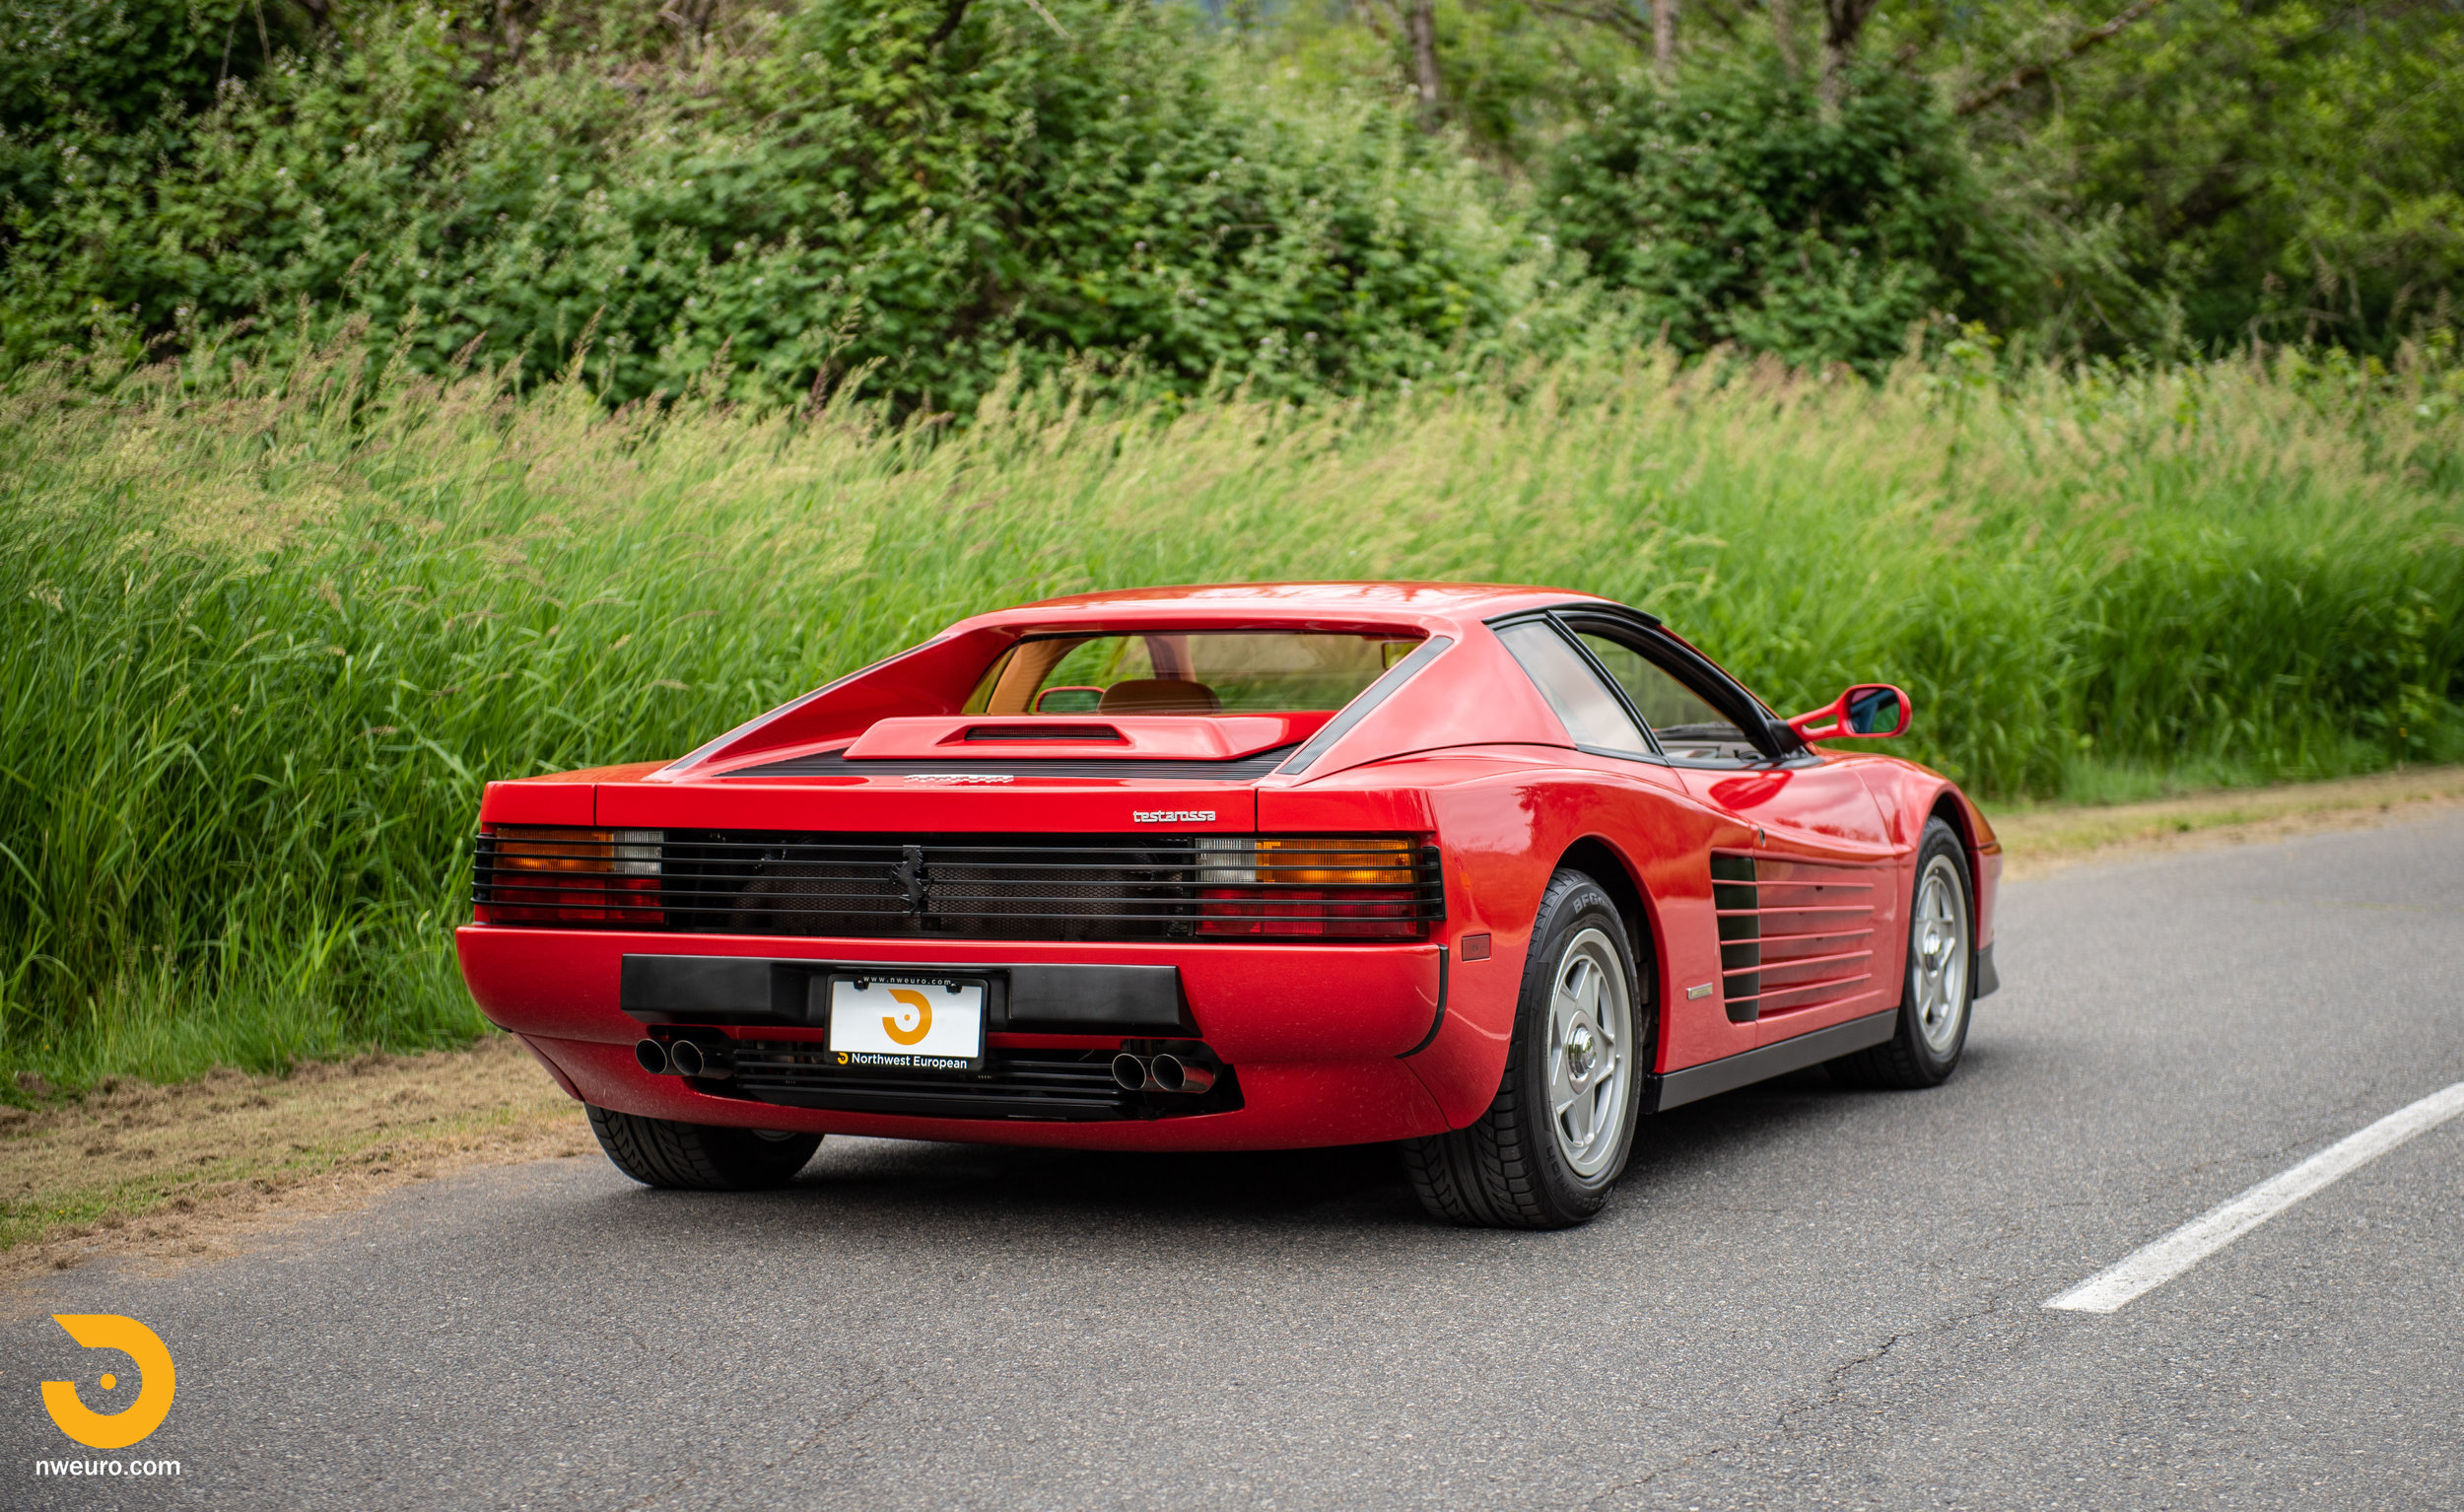 1988 Ferrari Testarossa-93.jpg